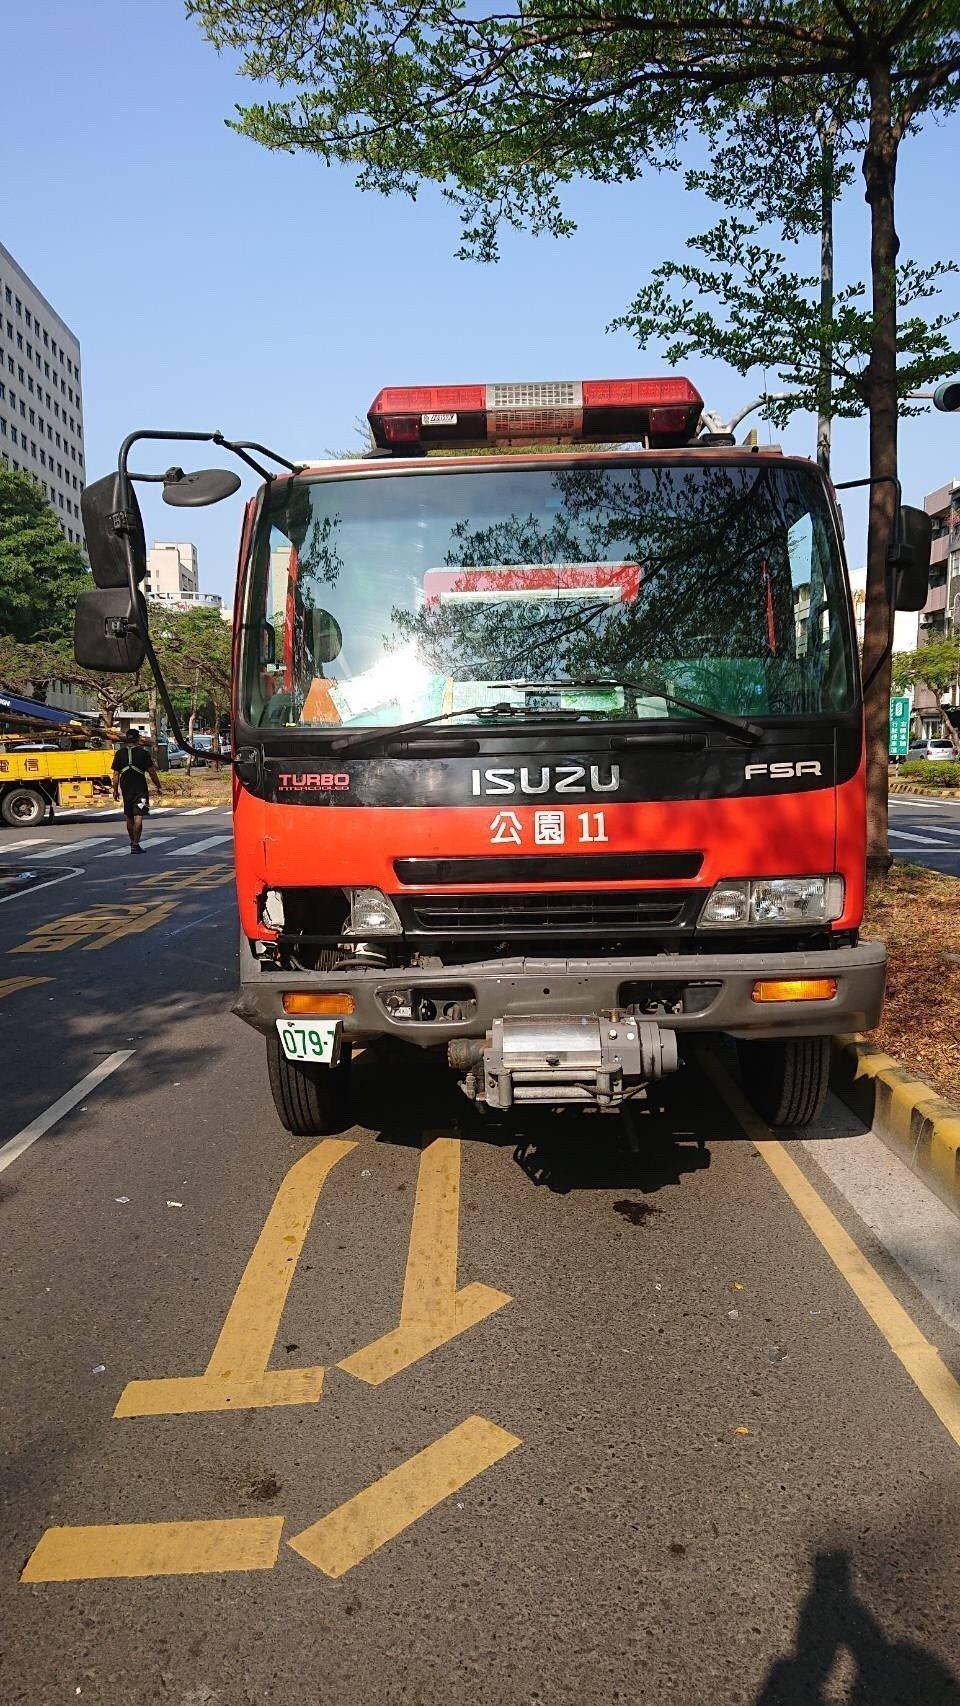 台南消防車與機車擦撞,大學生不幸身亡。記者邵心杰/翻攝